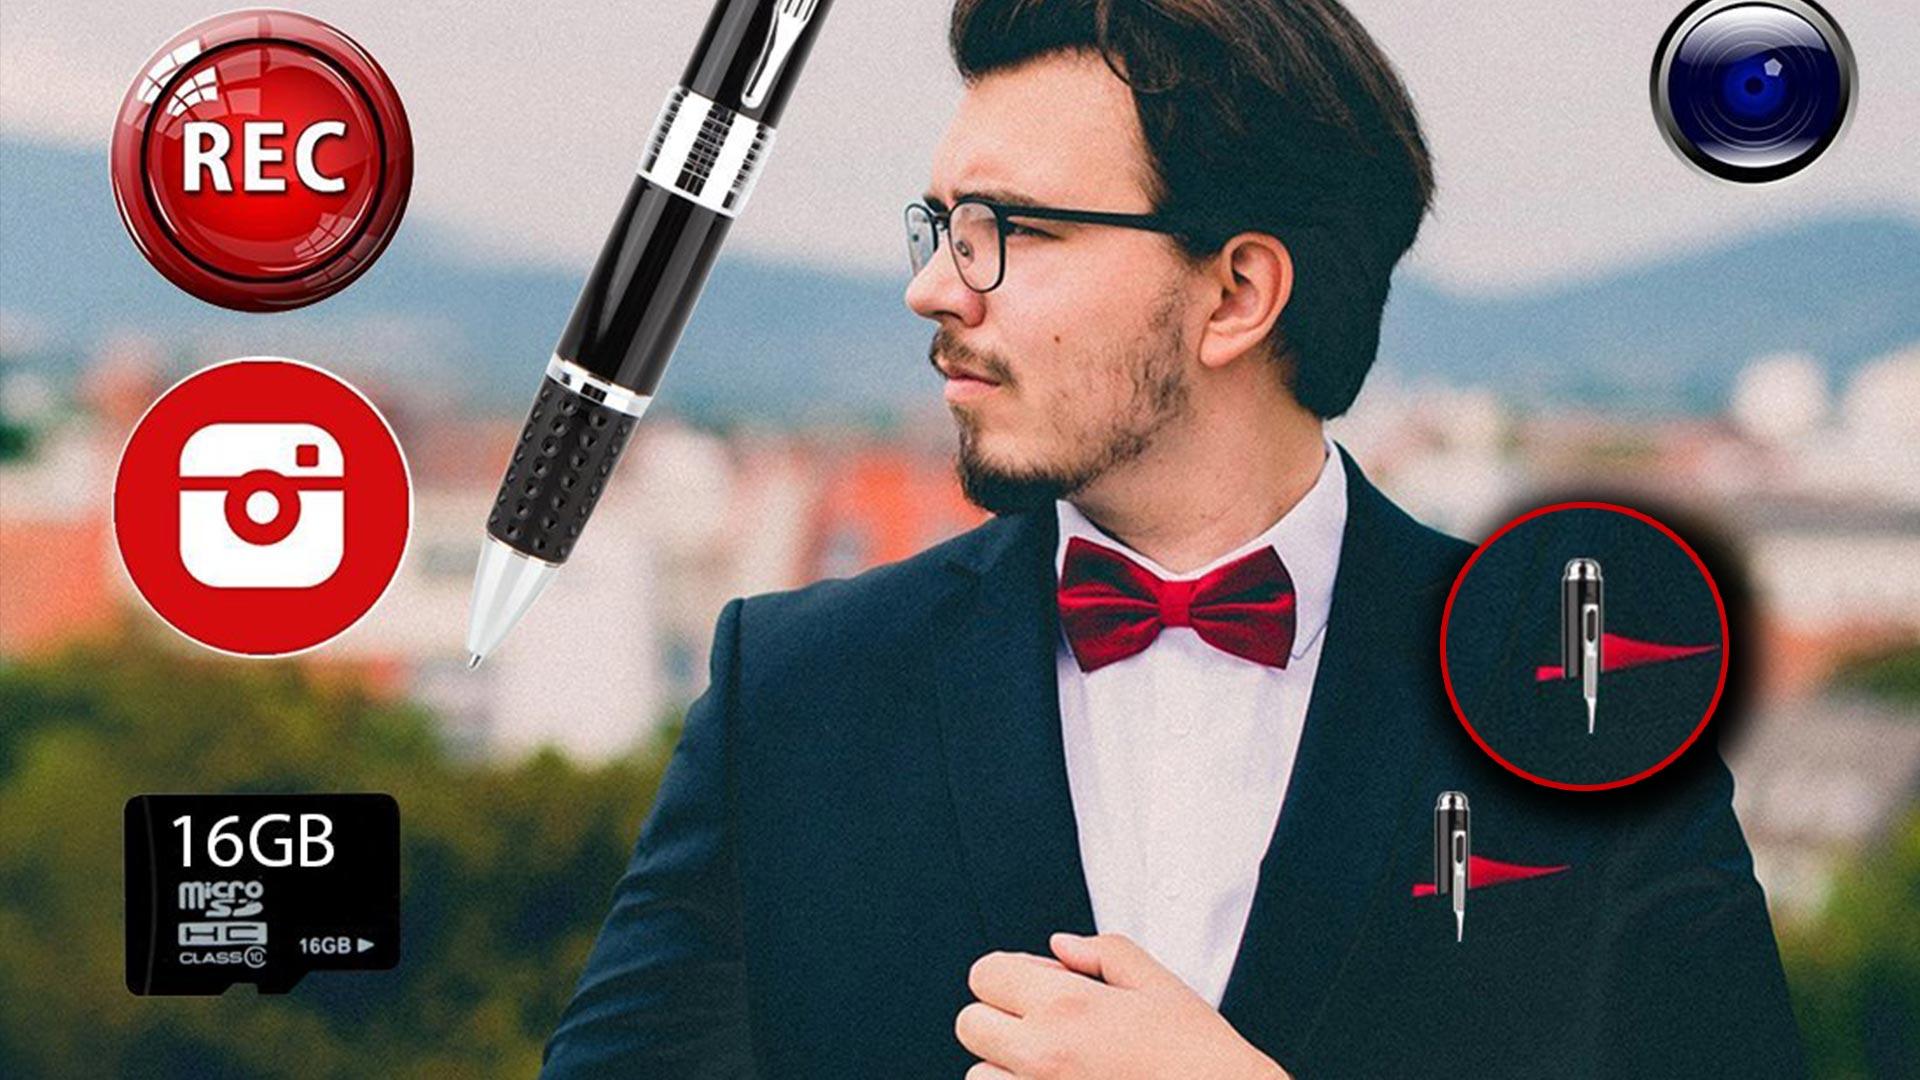 Telecamera Nascosta In Oggetti : Migliori penne con telecamera nascosta la classifica